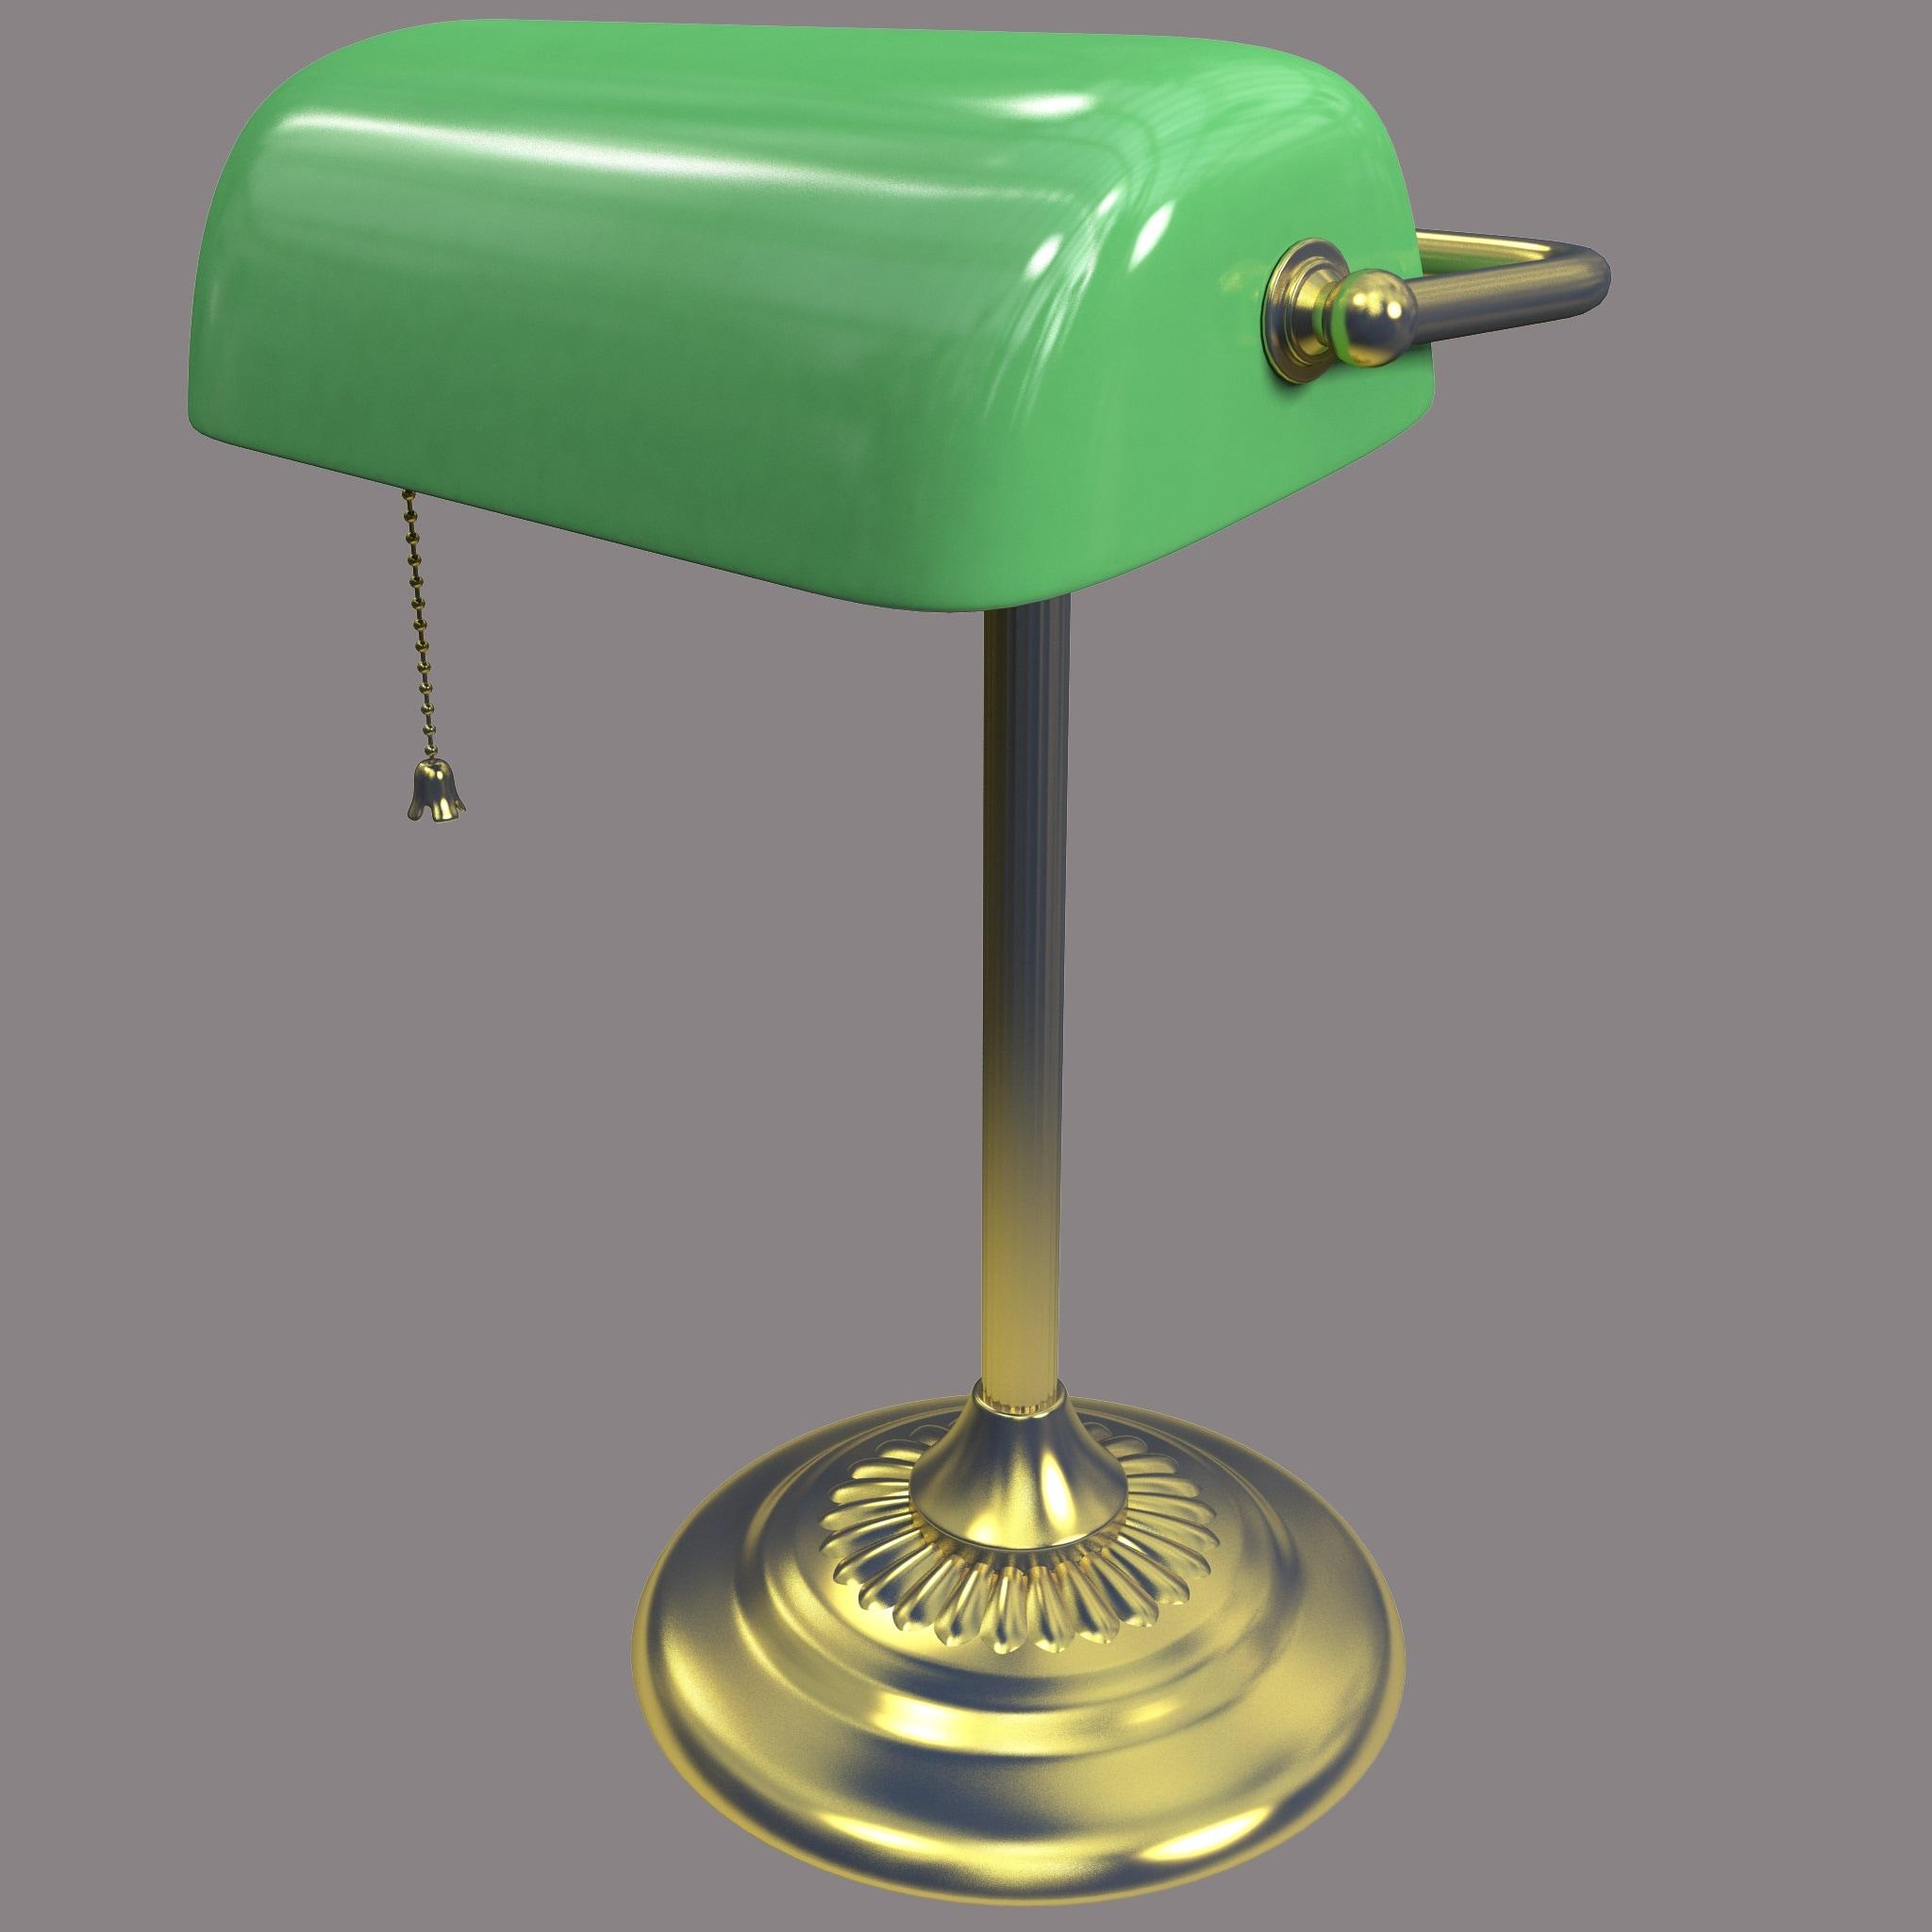 c4d bankers lamp. Black Bedroom Furniture Sets. Home Design Ideas